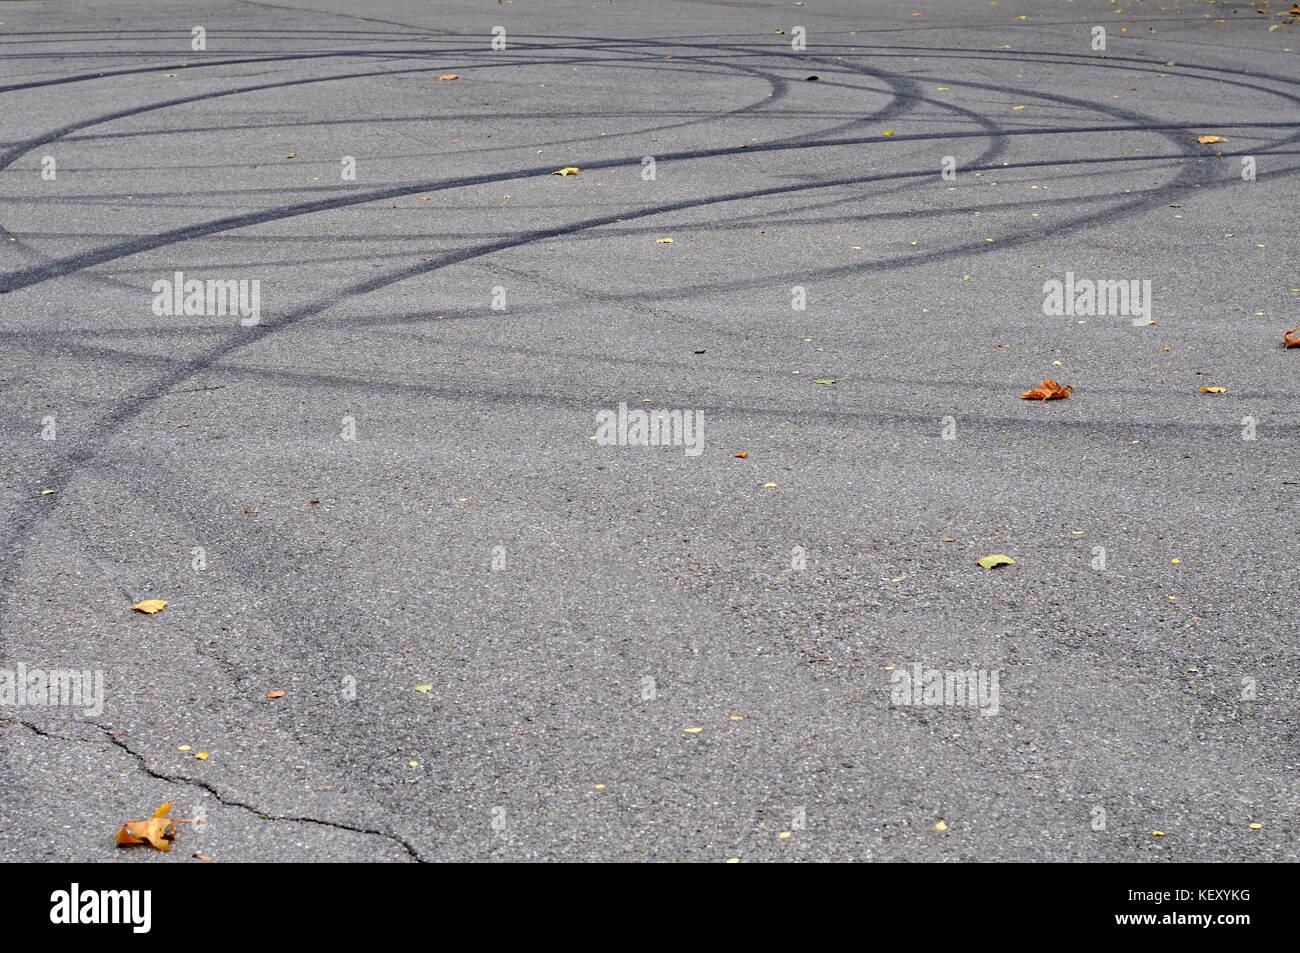 skid marks on asphalt road stock photo 164090964 alamy